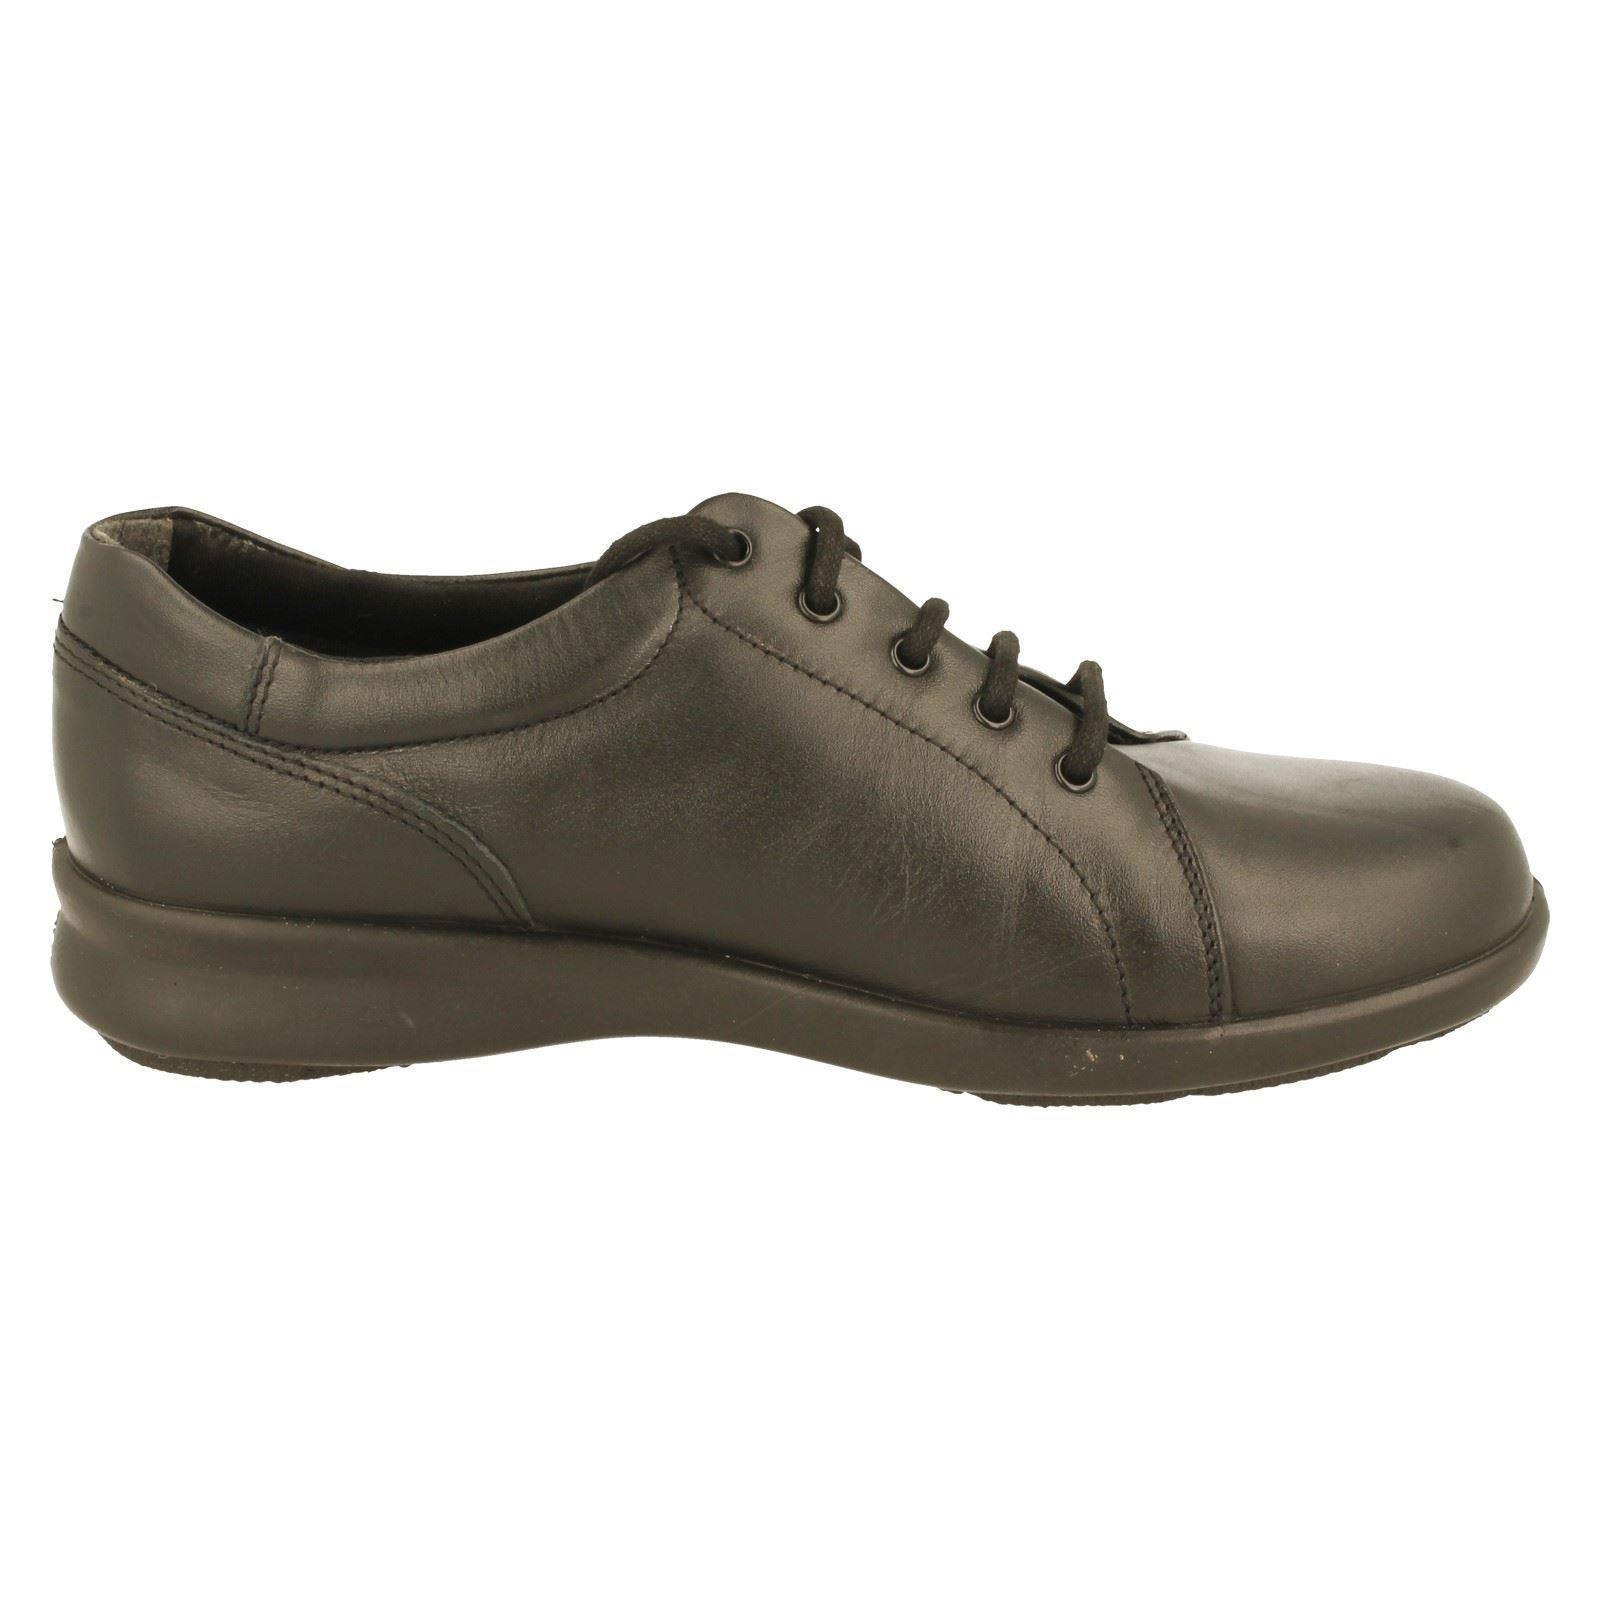 Label Db Up w Lace Phoebe Shoes Ladies Black dIwHAqOIx